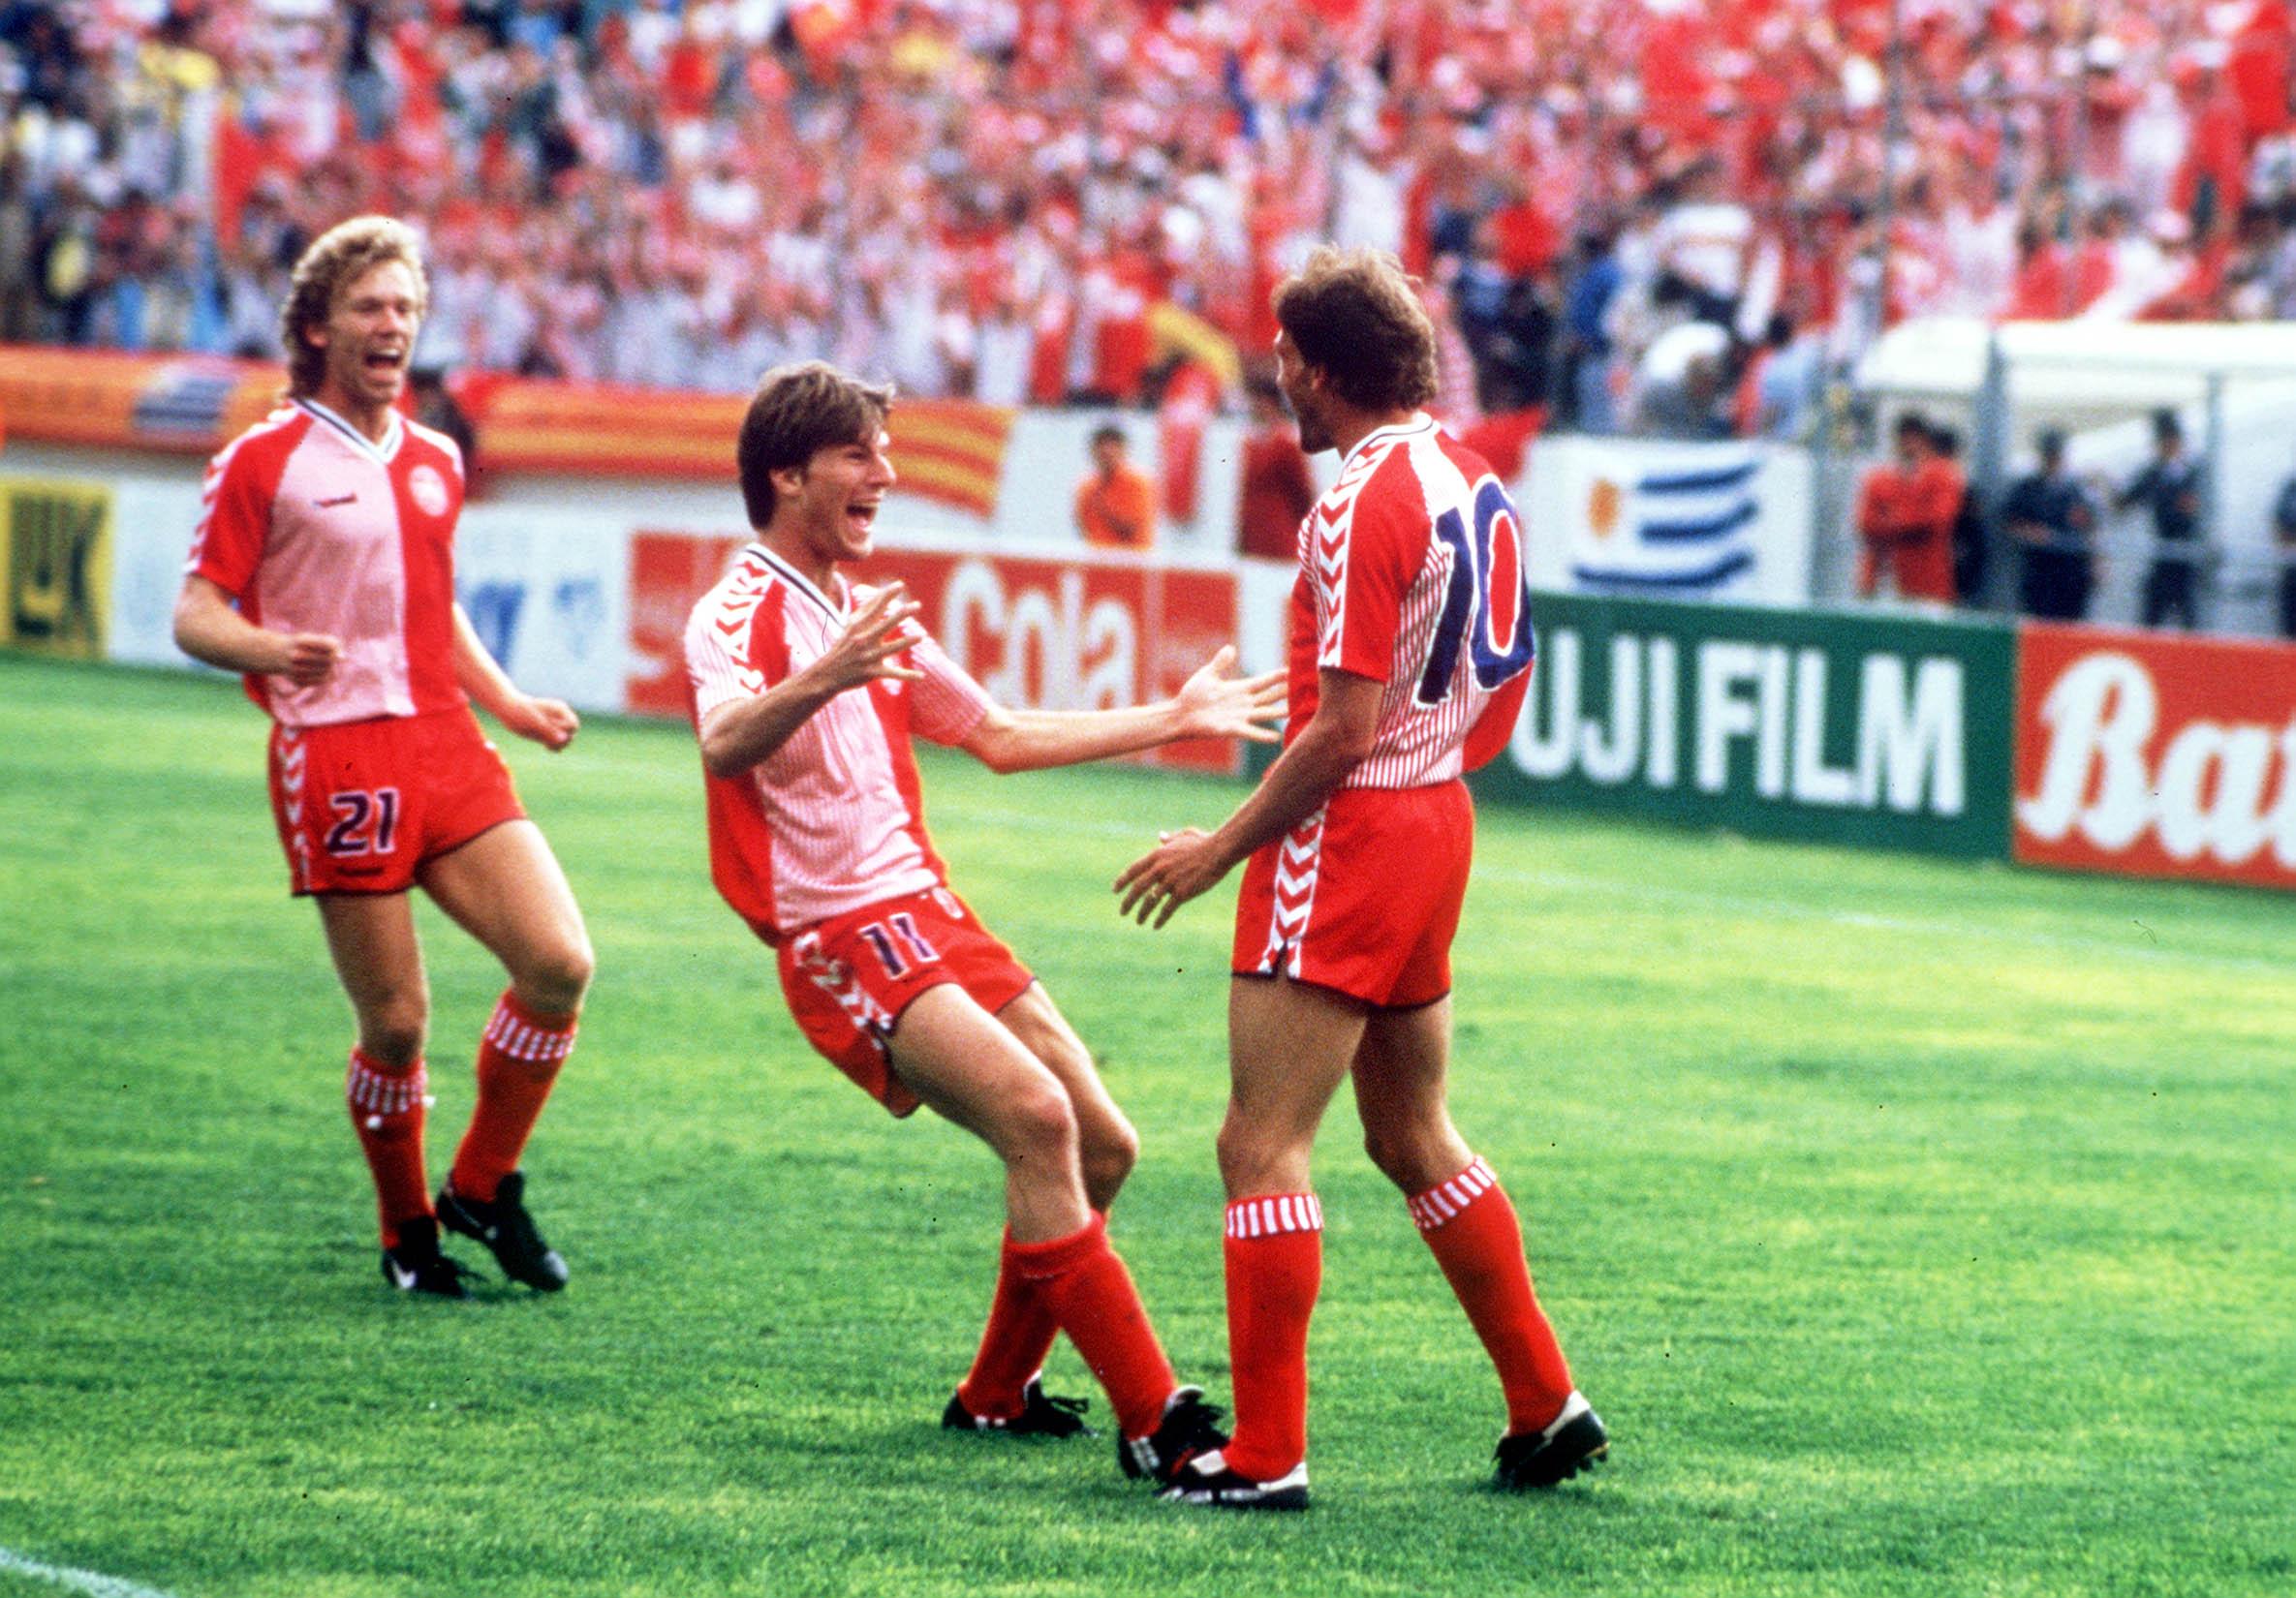 ab6cdd85588 ... af de mest ikoniske trøjer i fodboldhistorien. Foto: Bob Thomas/Getty  Images. Hummel ...